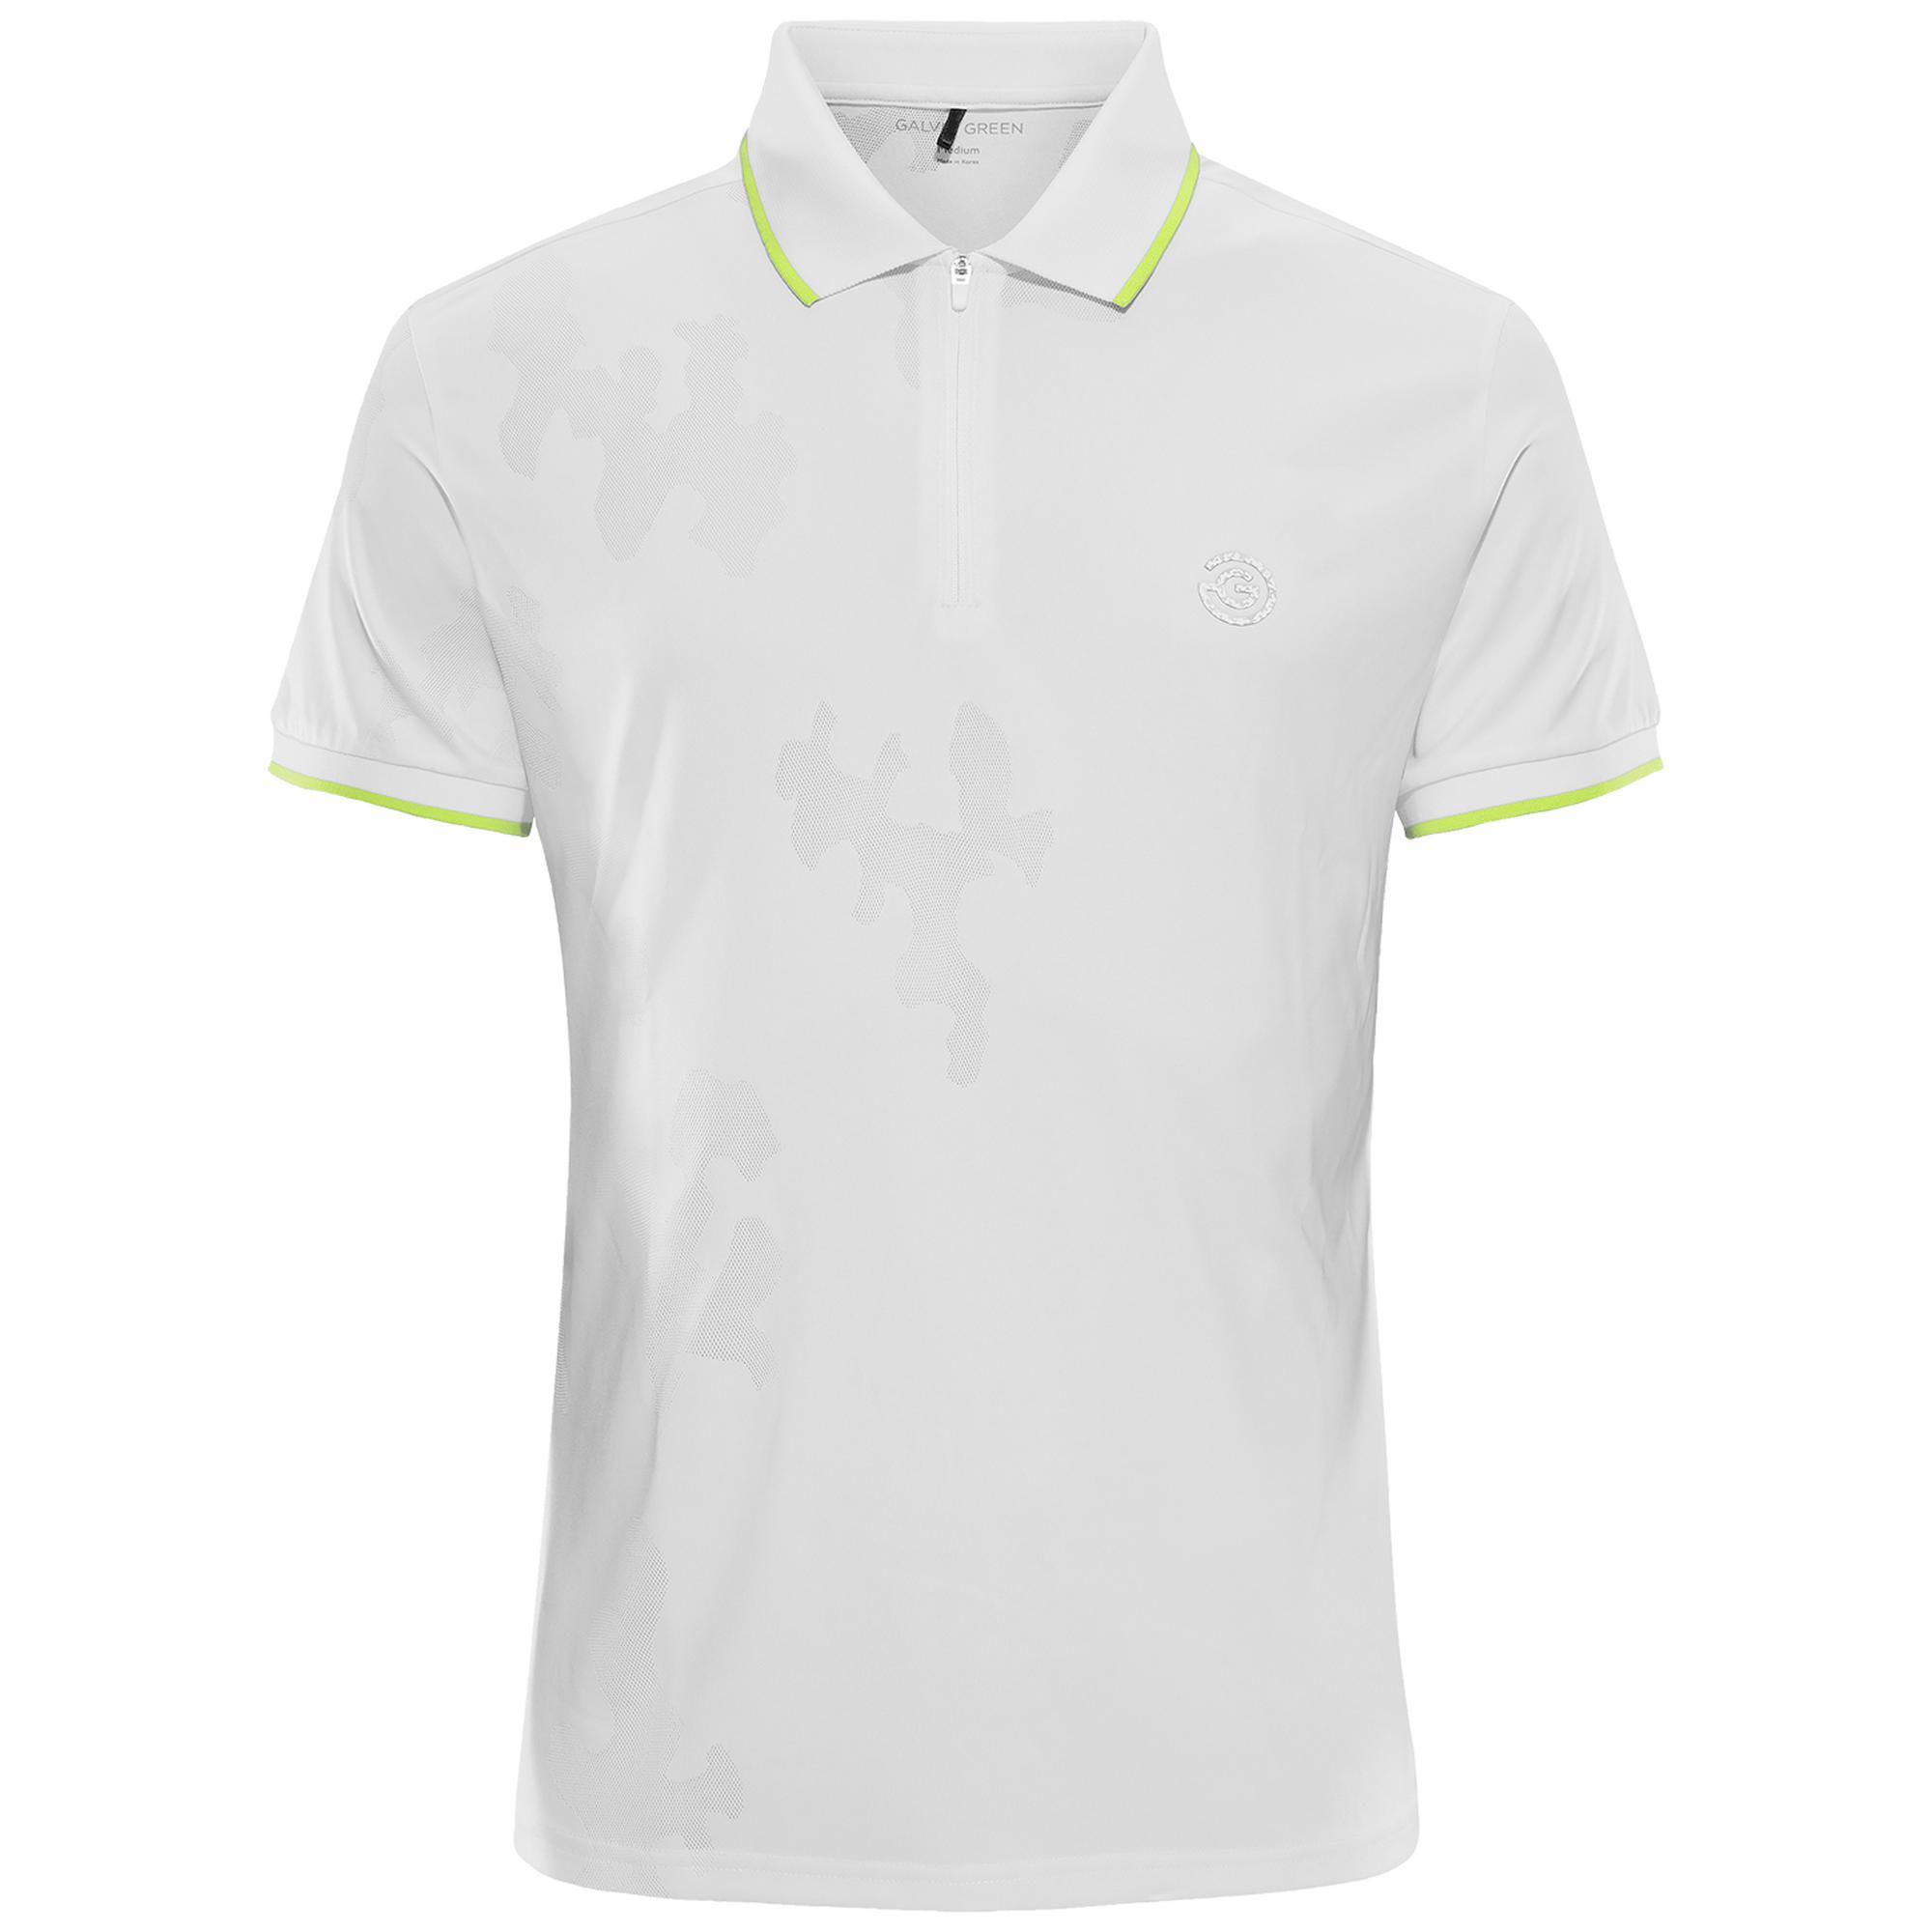 Men's E-The White Short Sleeve Polo